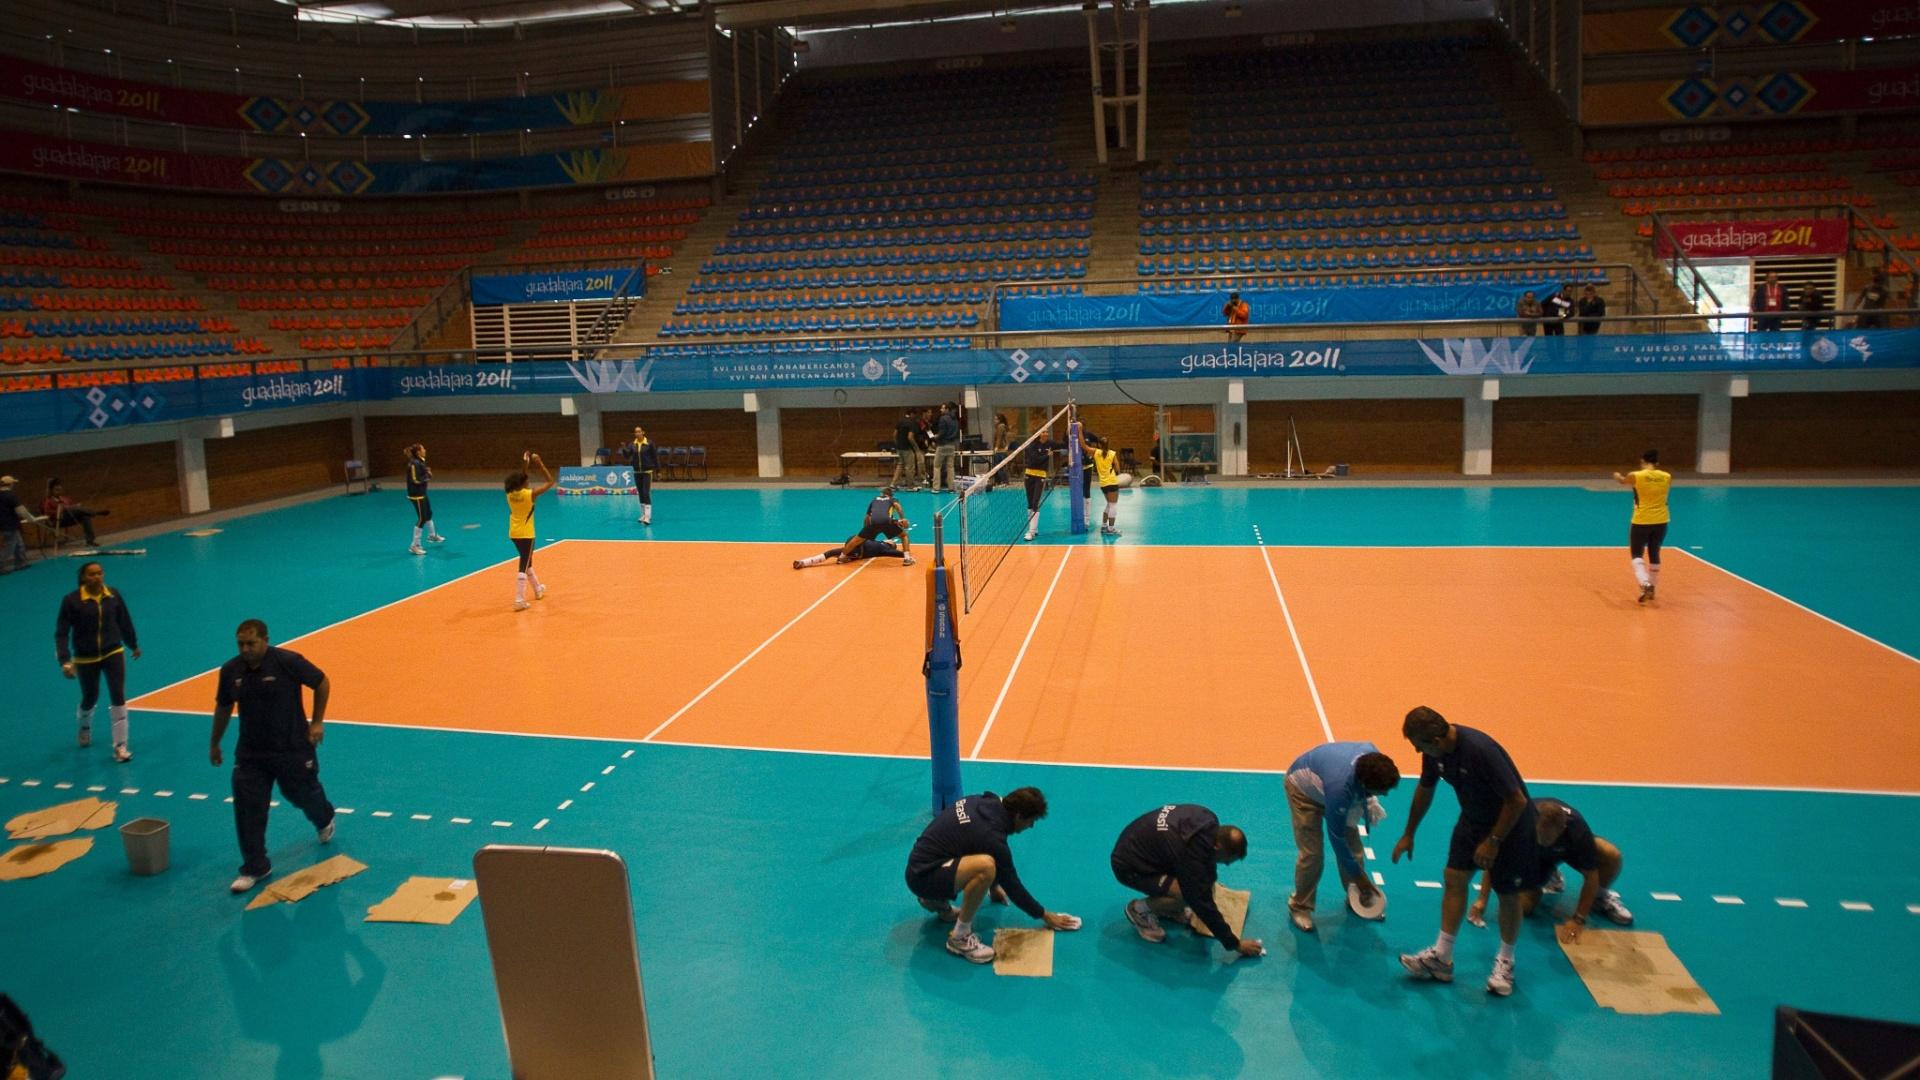 Goteiras no teto do ginásio atrapalharam o treino da seleção feminina de vôlei em Guadalajara